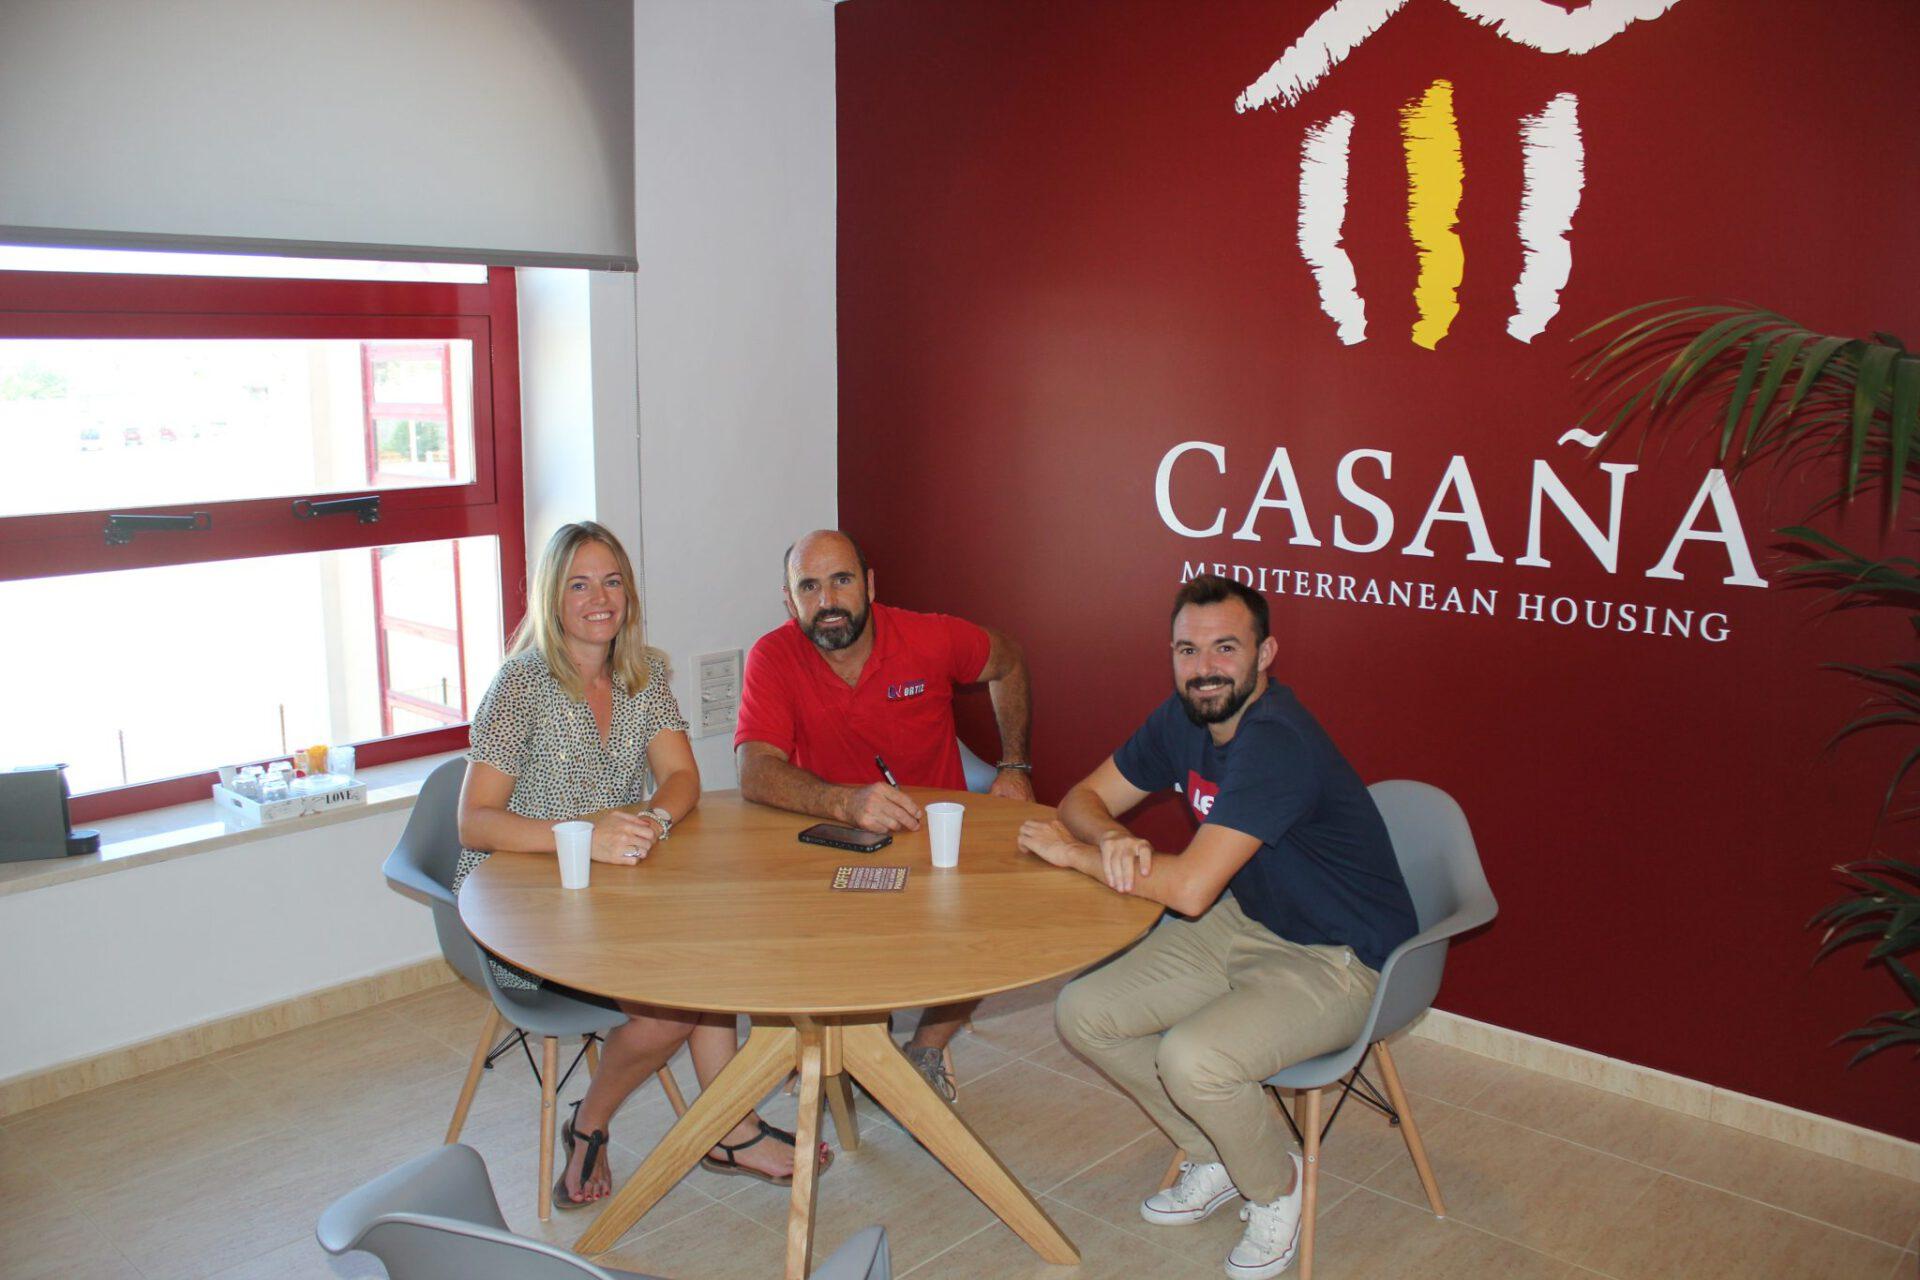 Casana bouw blog